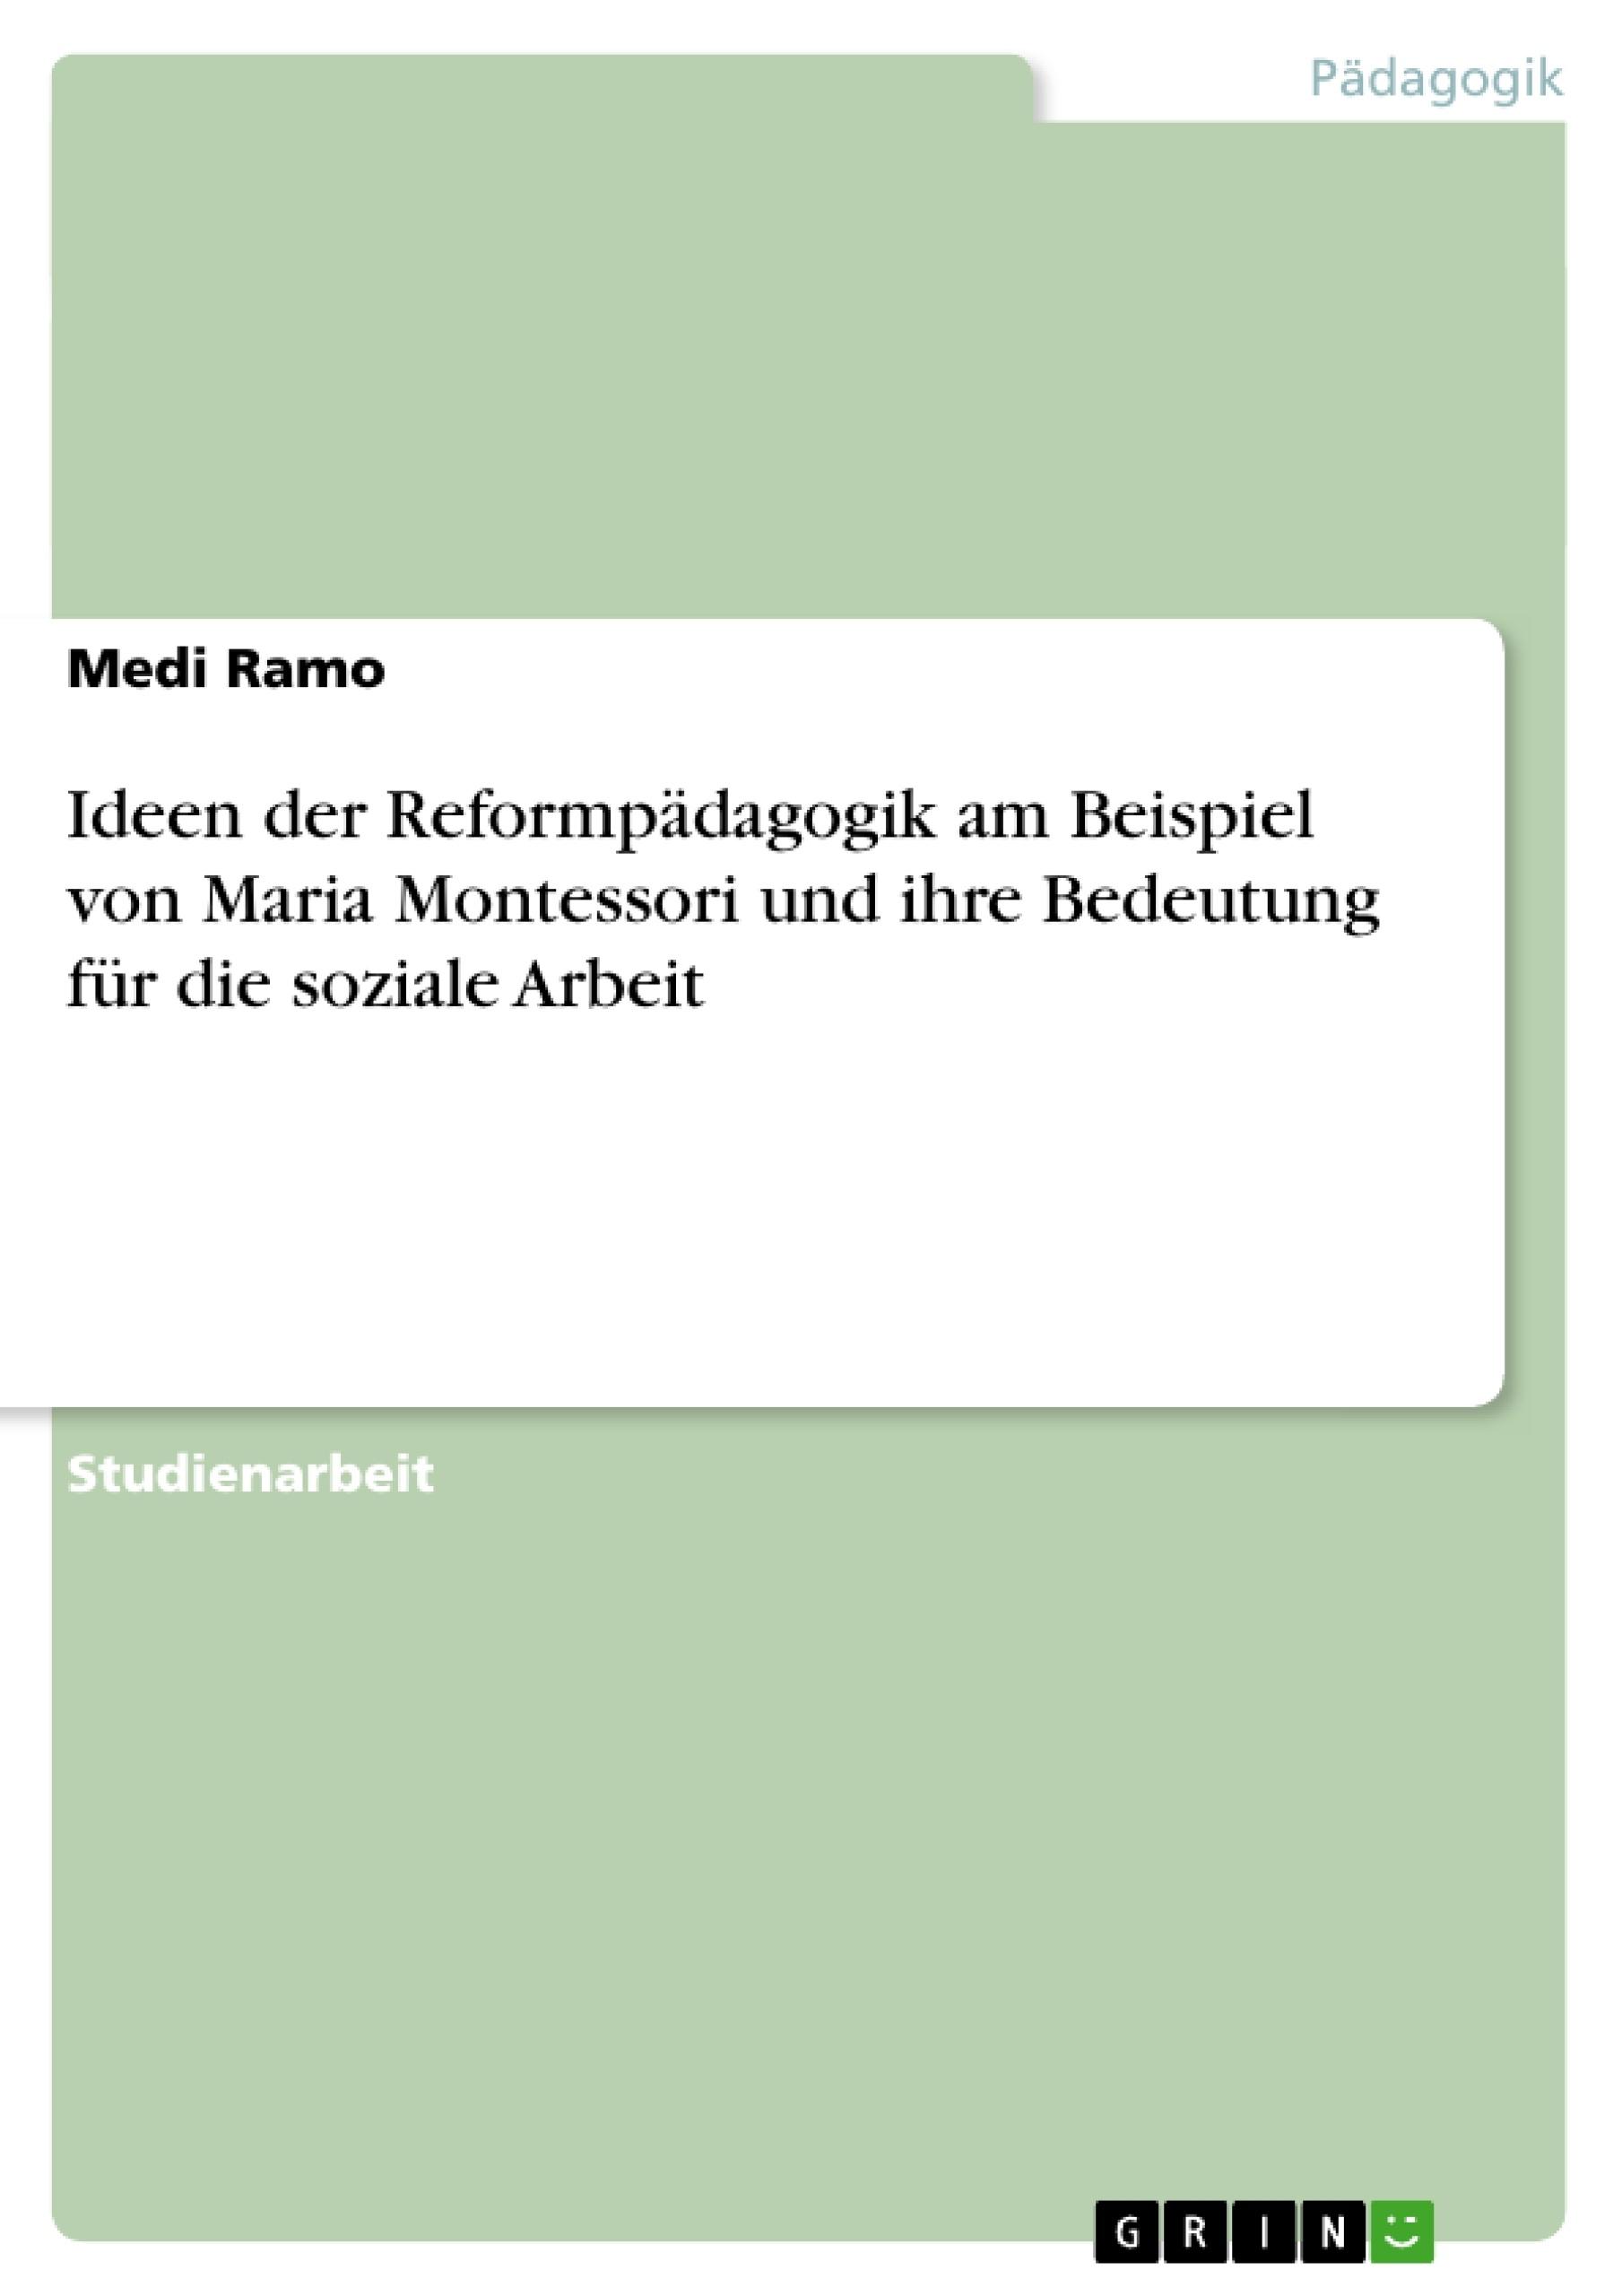 Titel: Ideen der Reformpädagogik am Beispiel von Maria Montessori und ihre Bedeutung für die soziale Arbeit